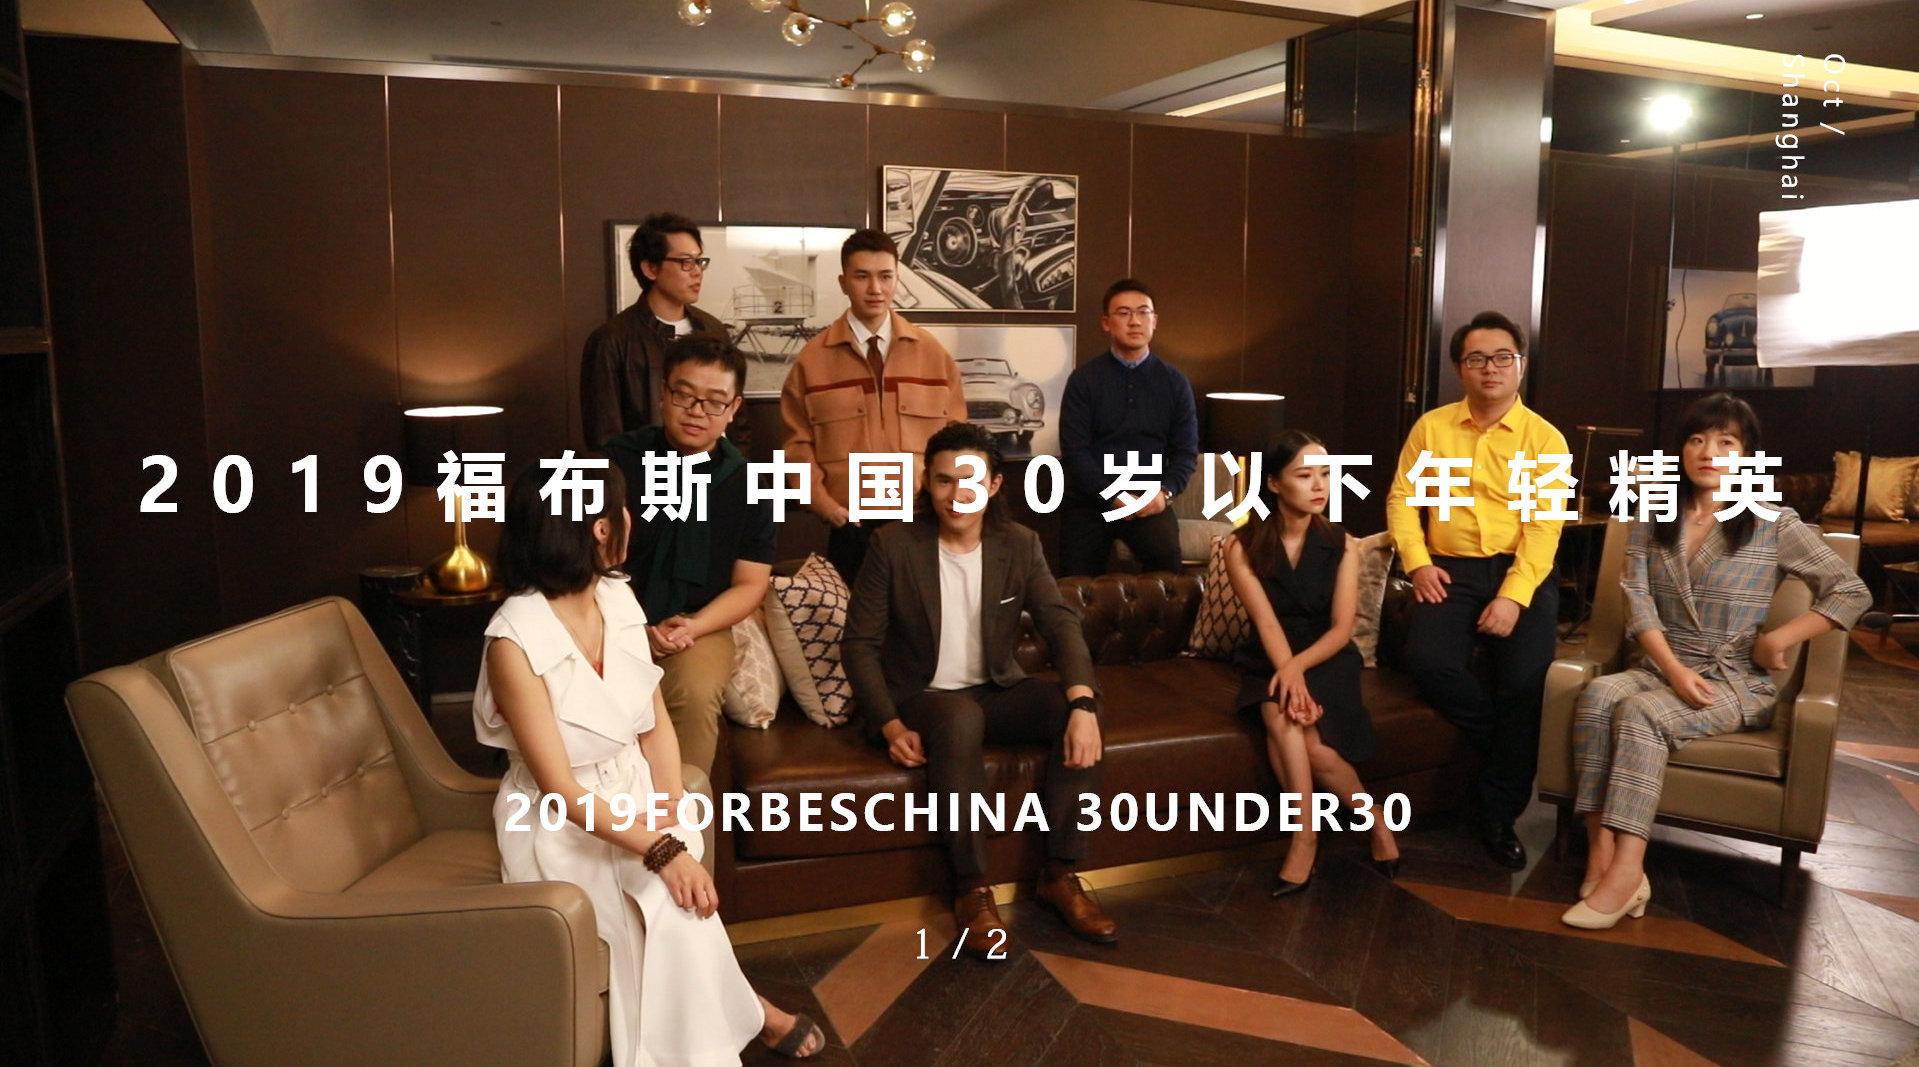 成为福布斯中国30岁以下精英是一种什么样的体验